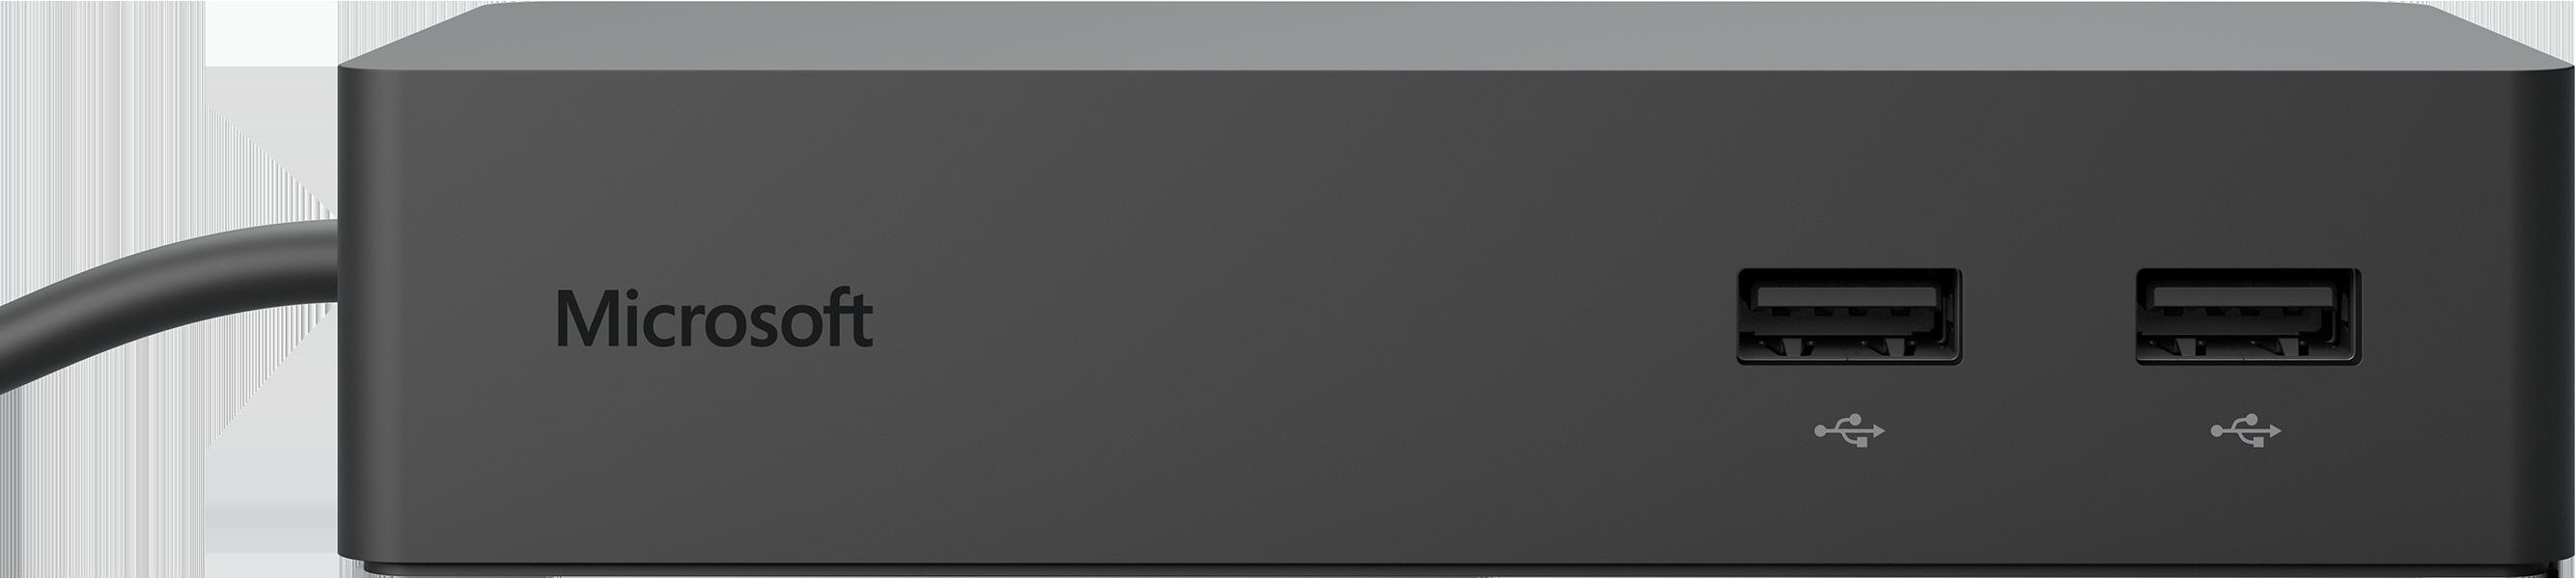 Bild Microsoft Surface Dock